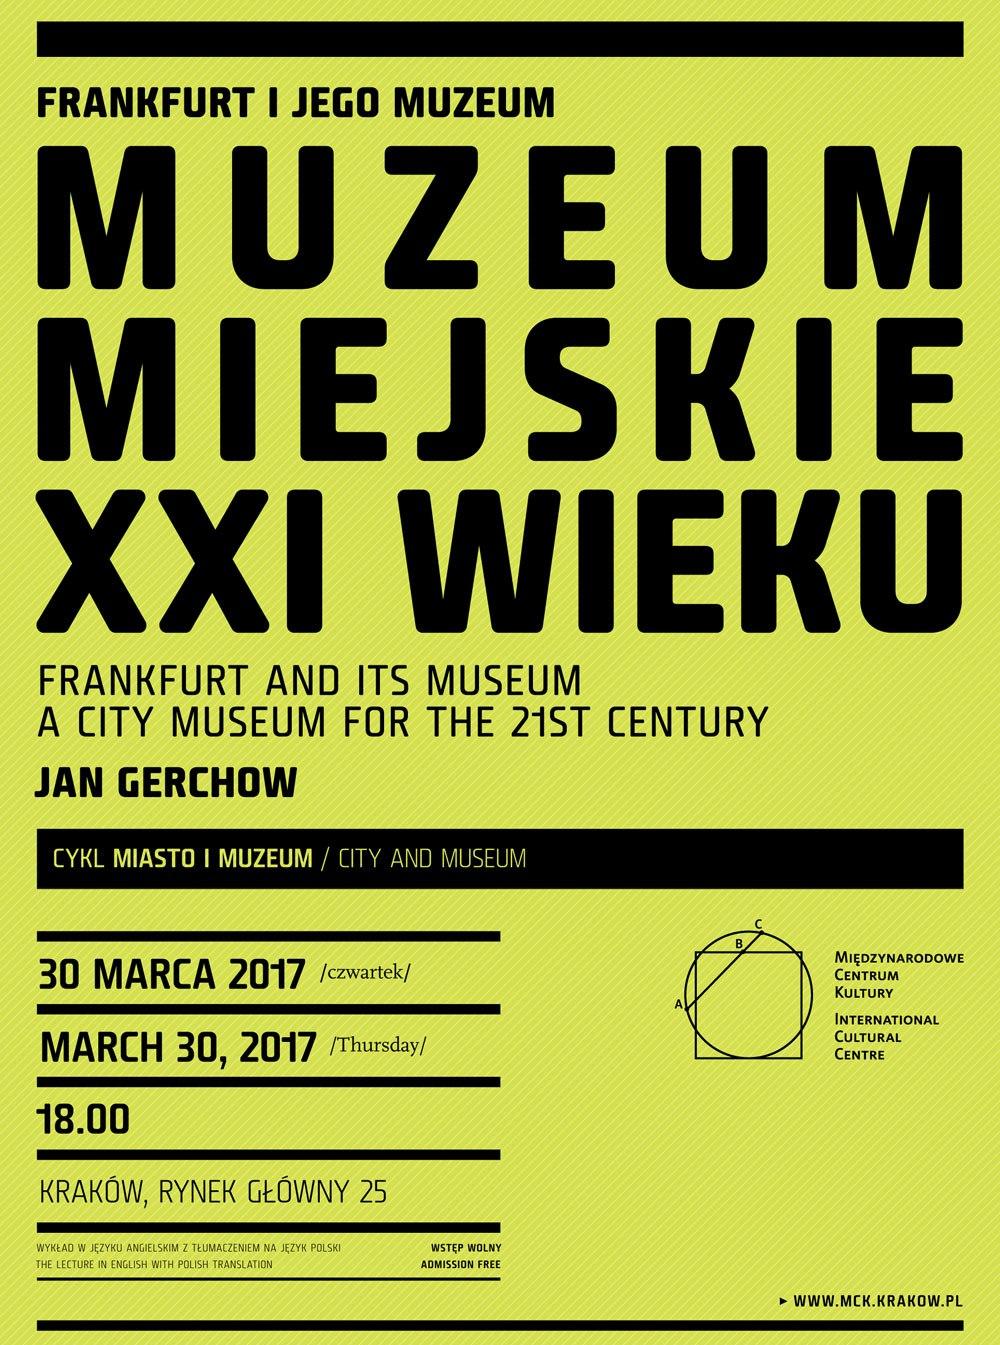 """""""Frankfurt i jego muzeum. Muzeum miejskie w XXI wieku"""" (źródło: materiały prasowe organizatora)"""